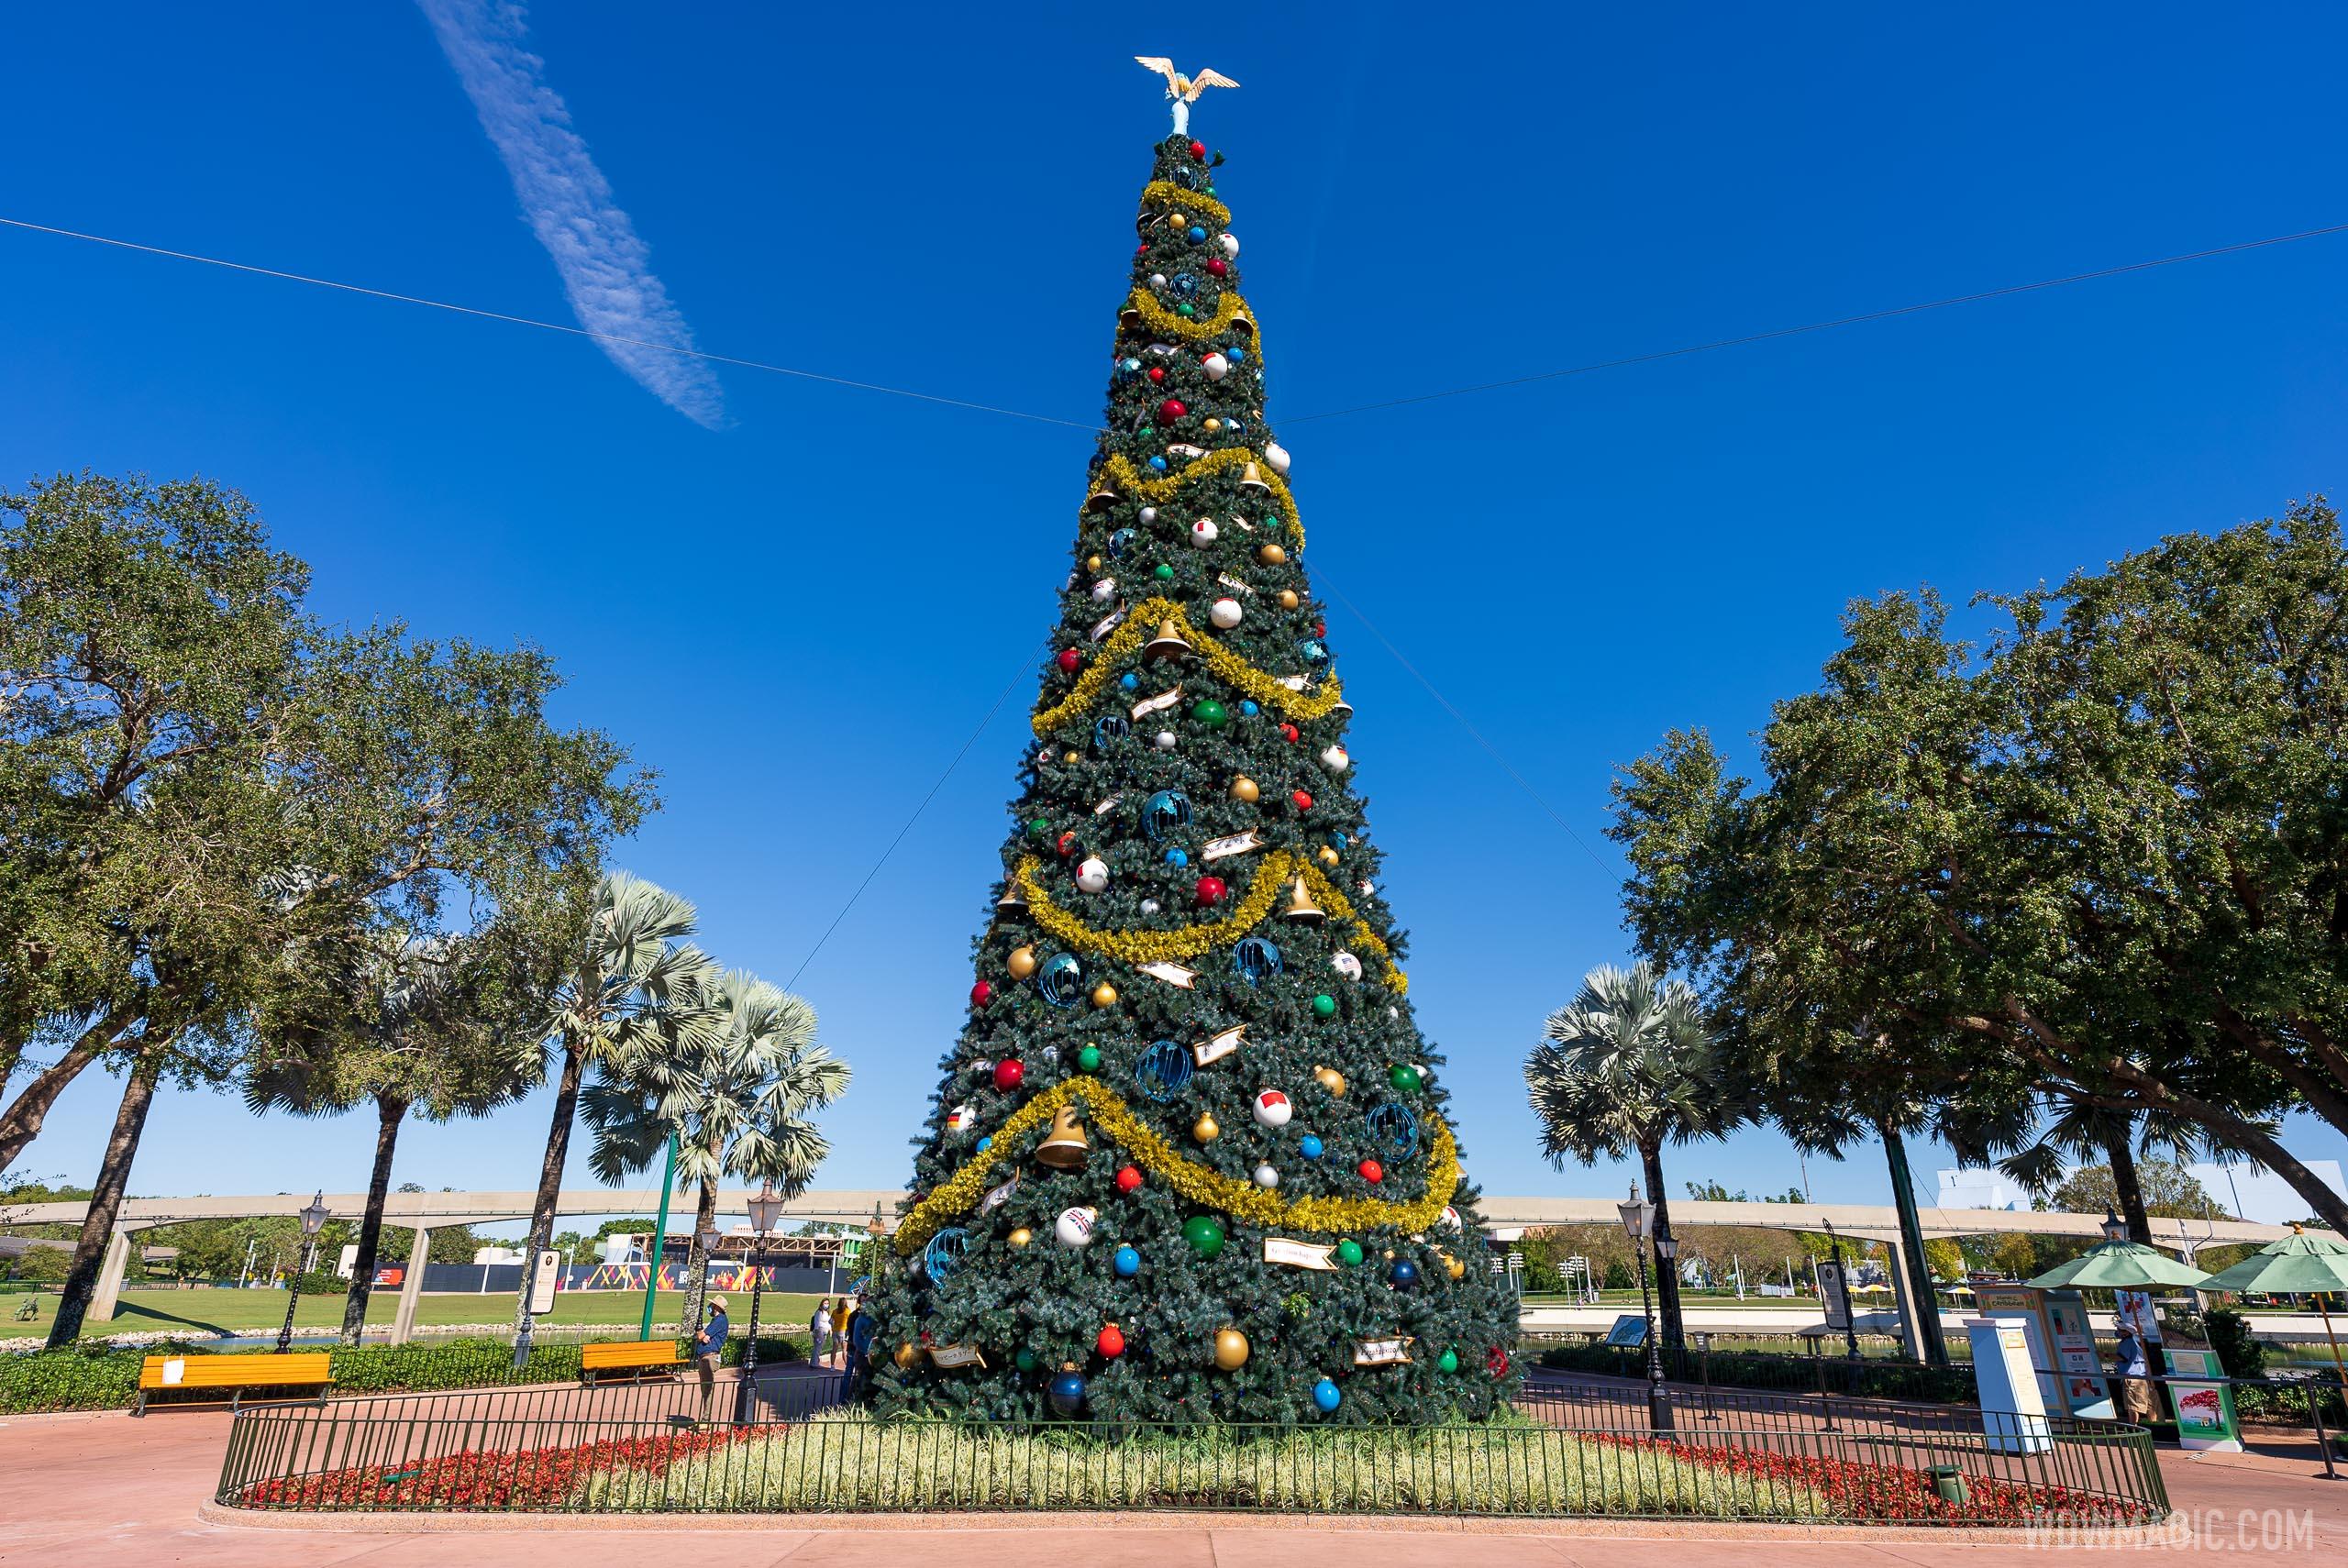 Holidays-Around-the-World-at-Epcot_Full_39782.jpg